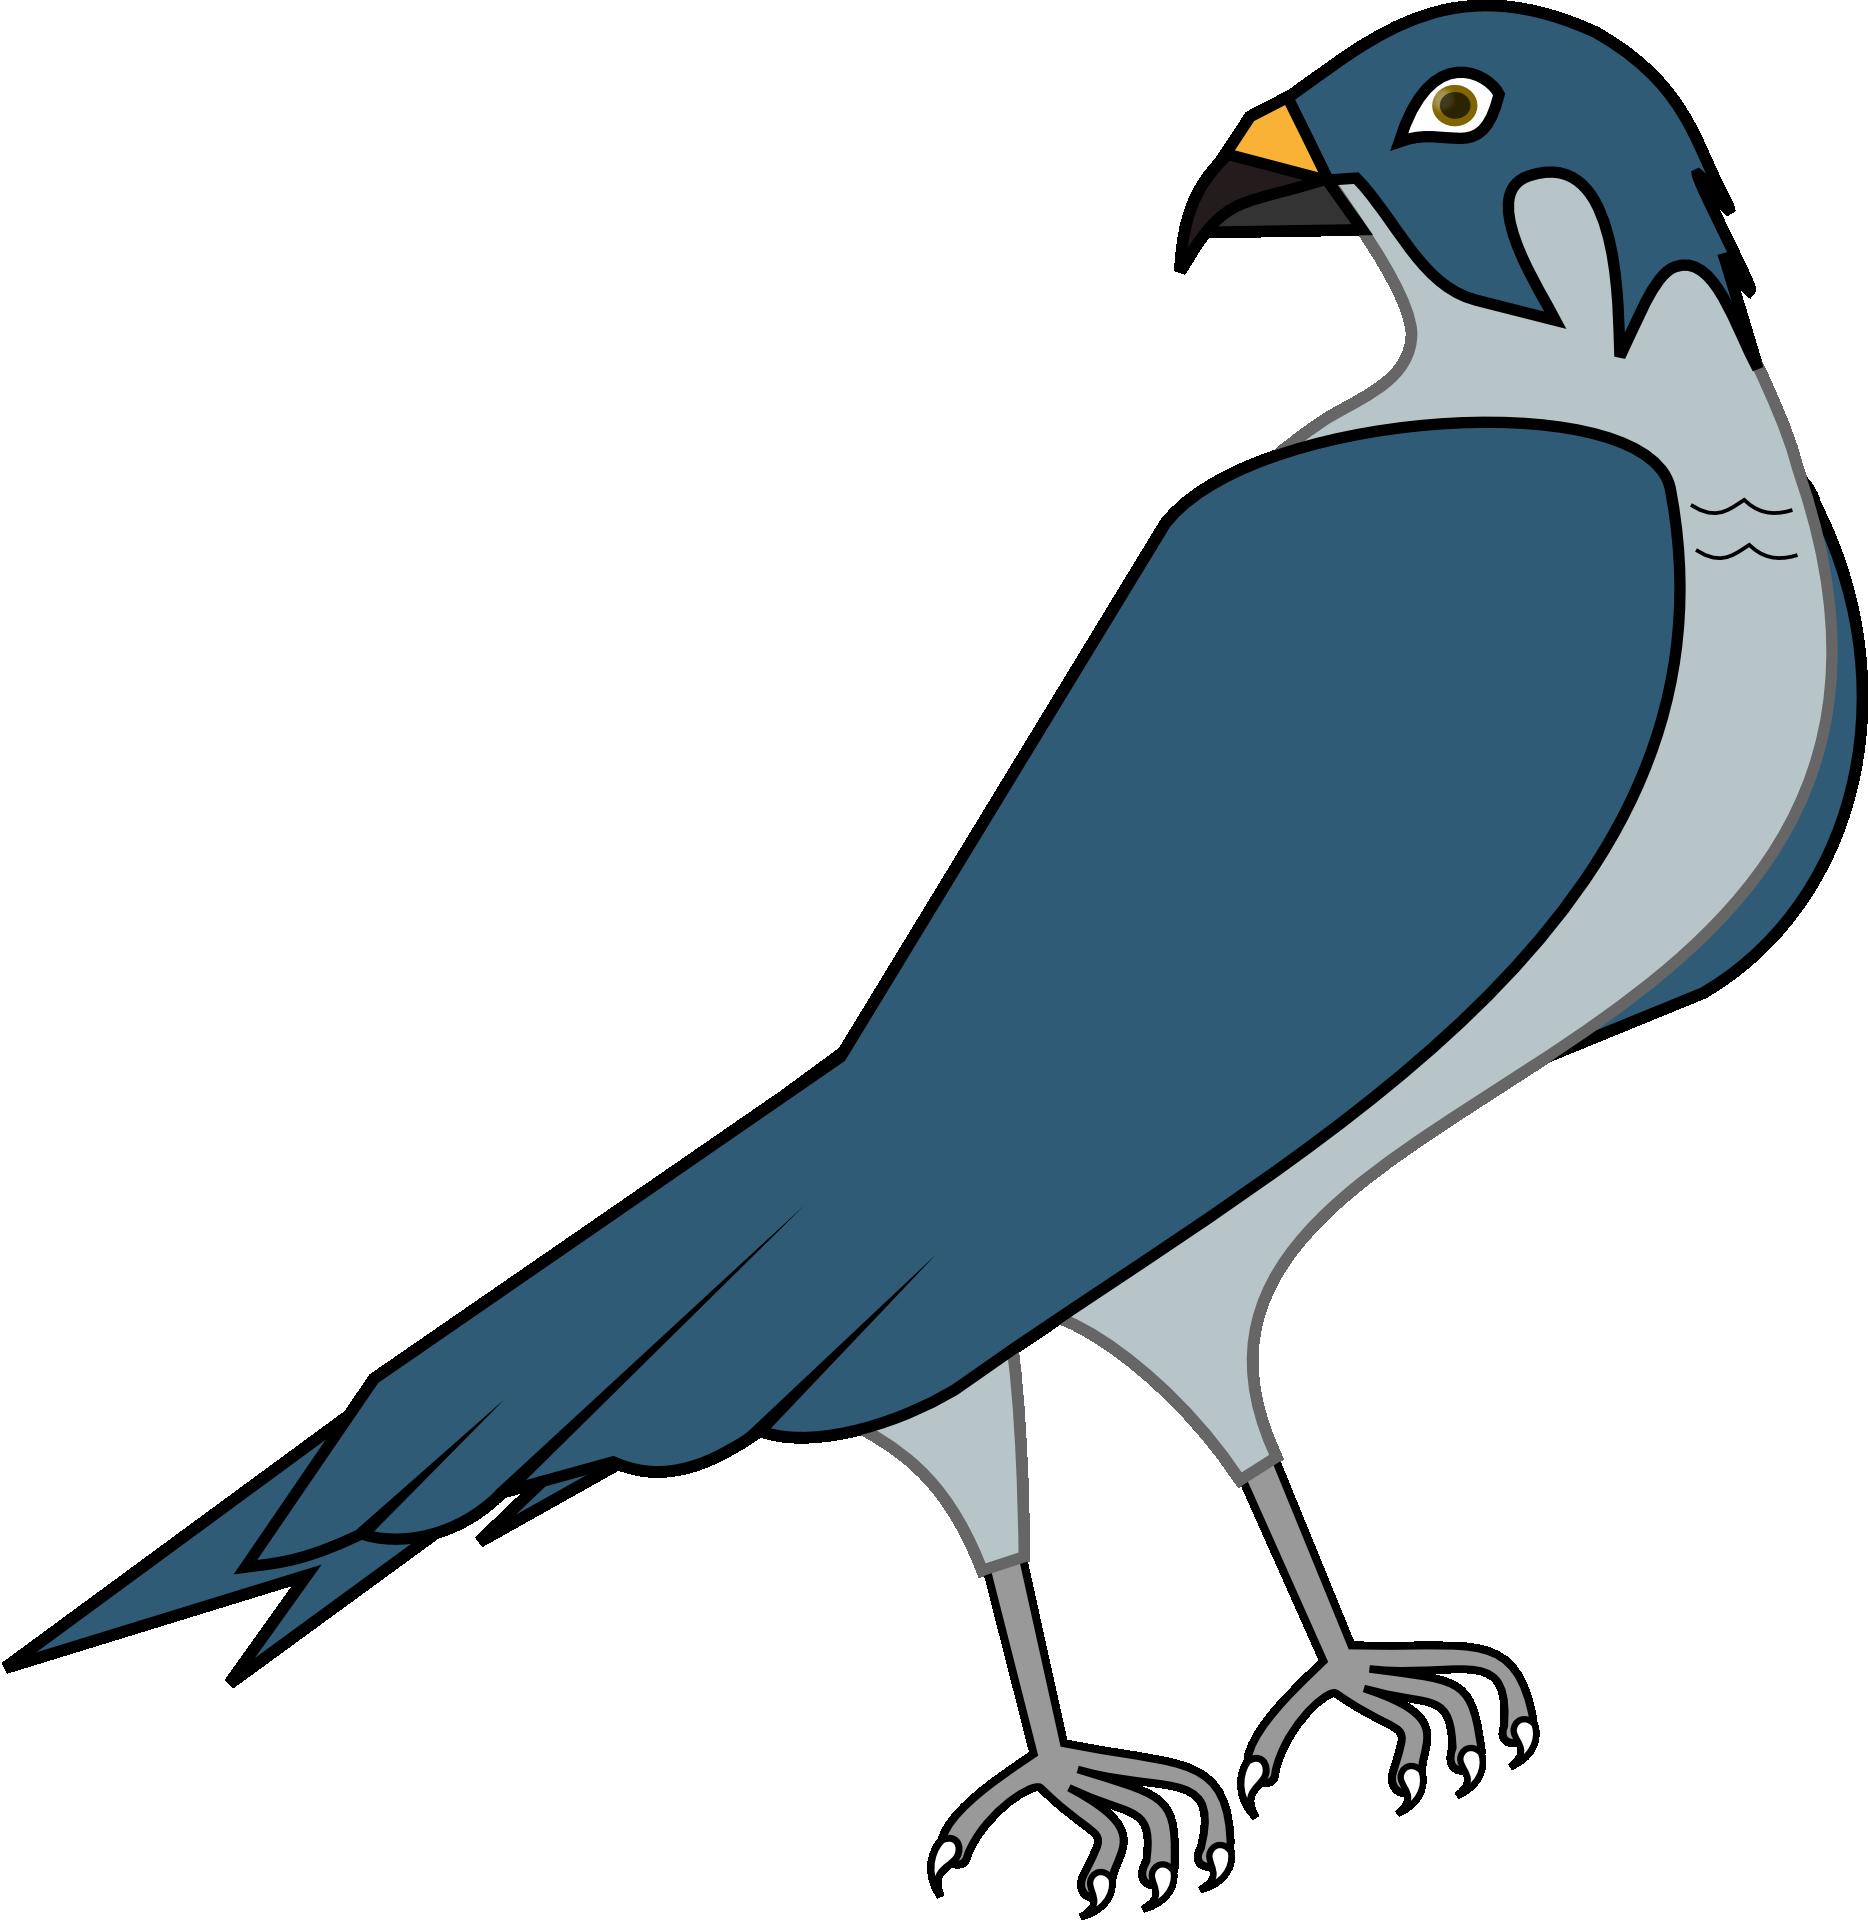 The peregrine falcon clip. Clipart birds falcons